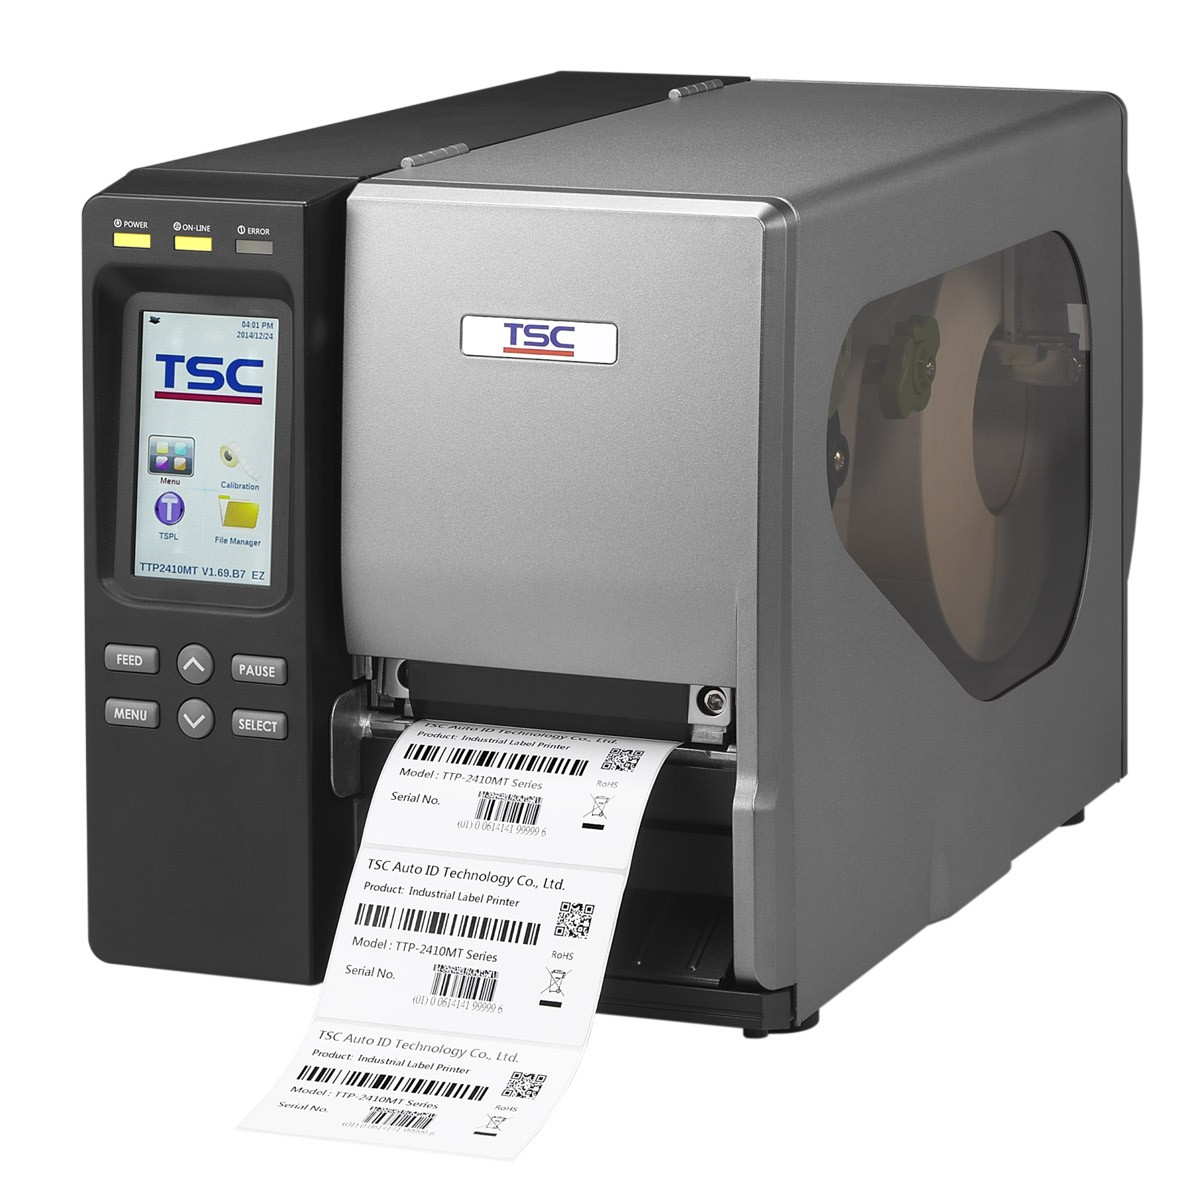 Impressora de Etiquetas Térmica Industrial - TSC TTP-346MT